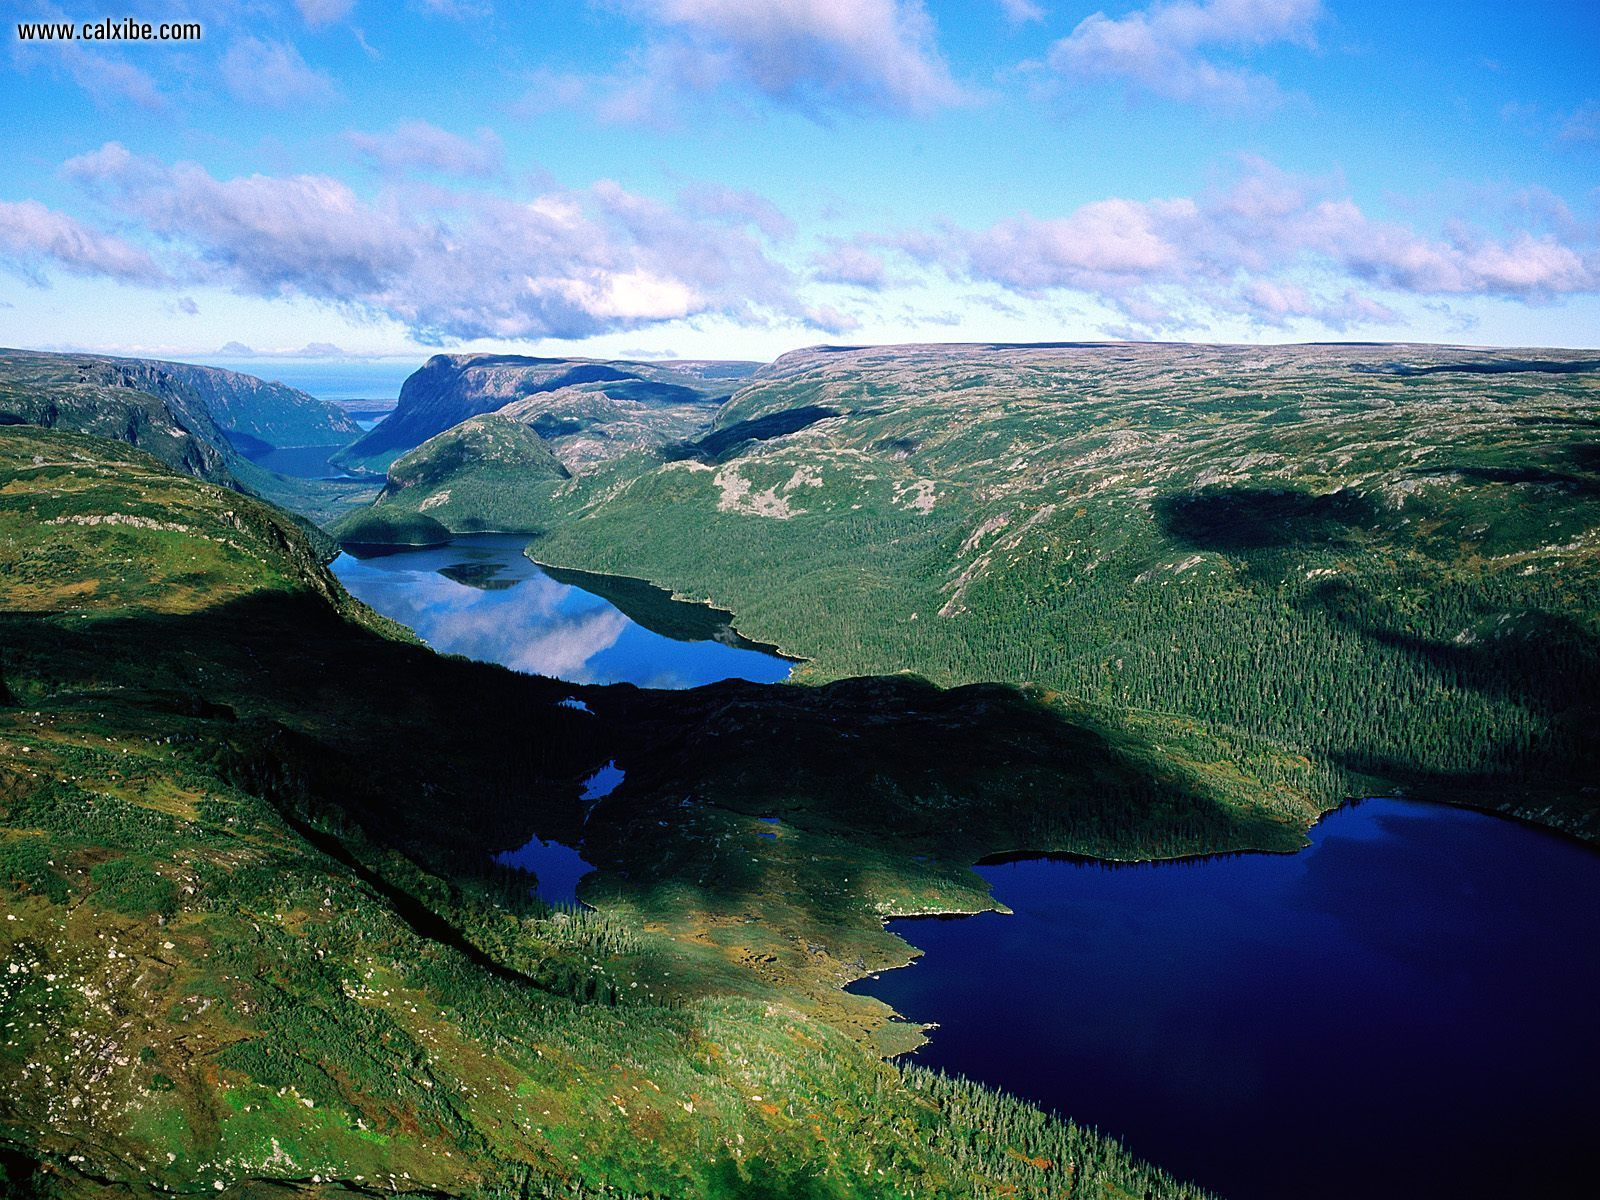 Nature Gros Morne National Park Newfoundland Canada desktop 1600x1200